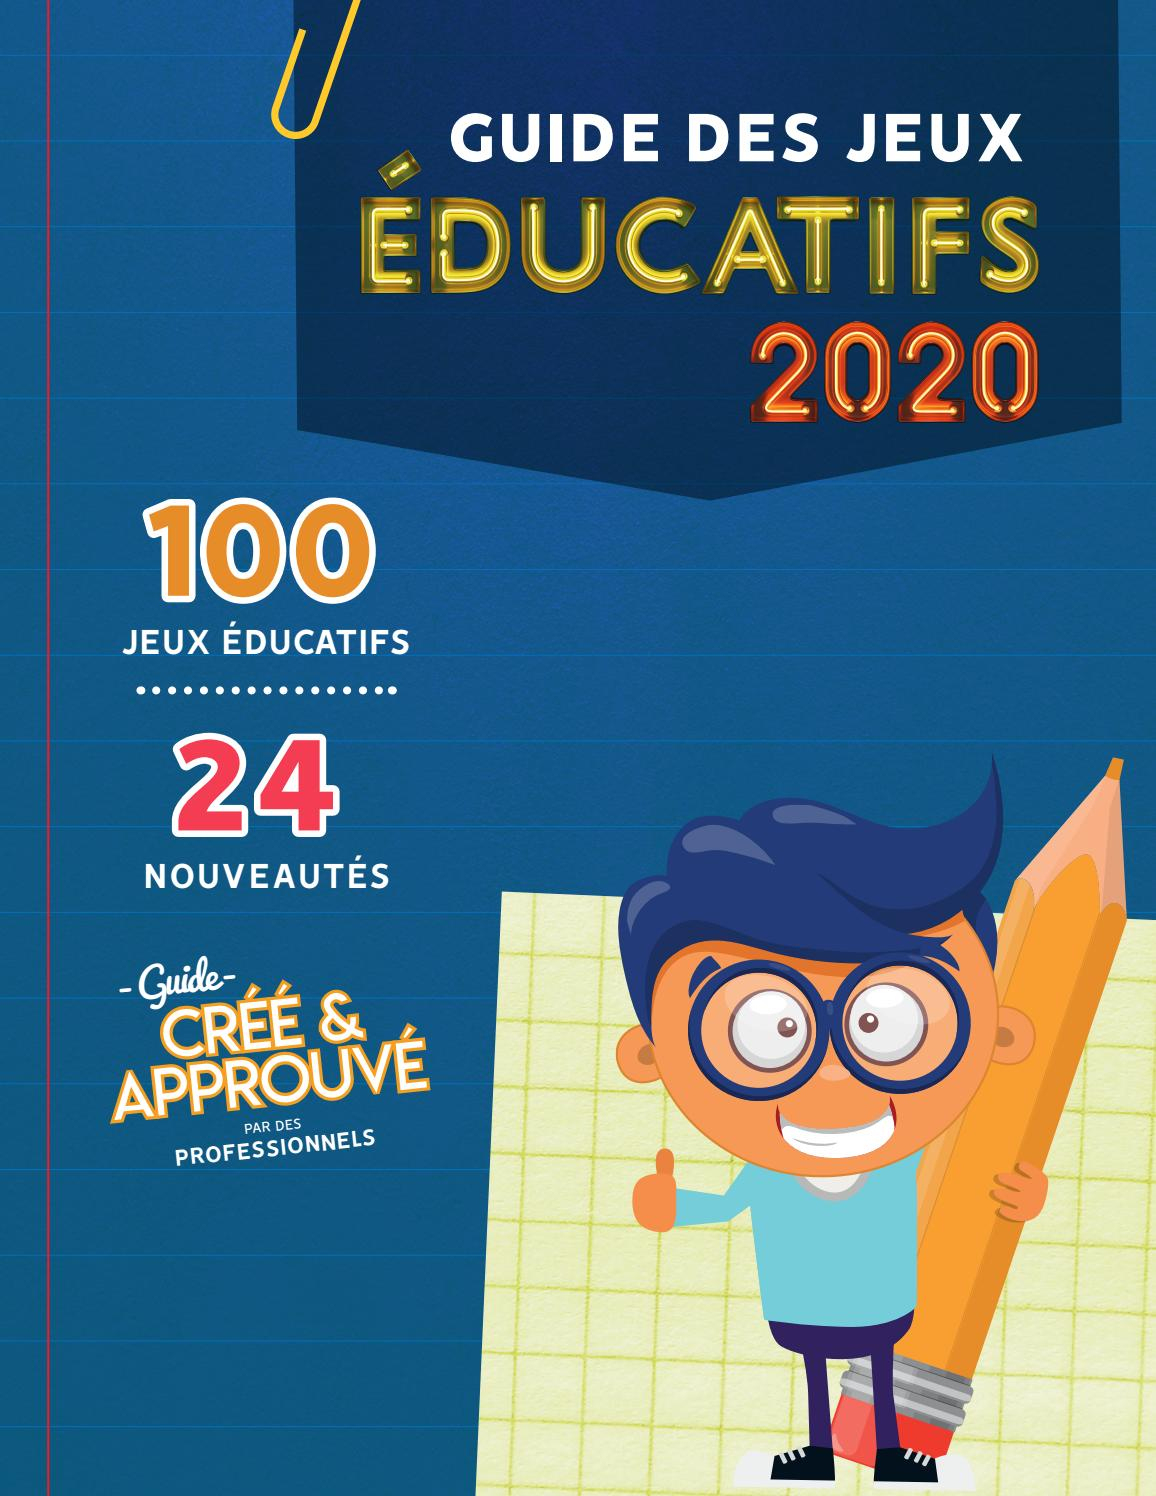 Guide Des Jeux Éducatifs 2020 By Castellojeu - Issuu encequiconcerne Jeux Educatif 3 Ans En Ligne